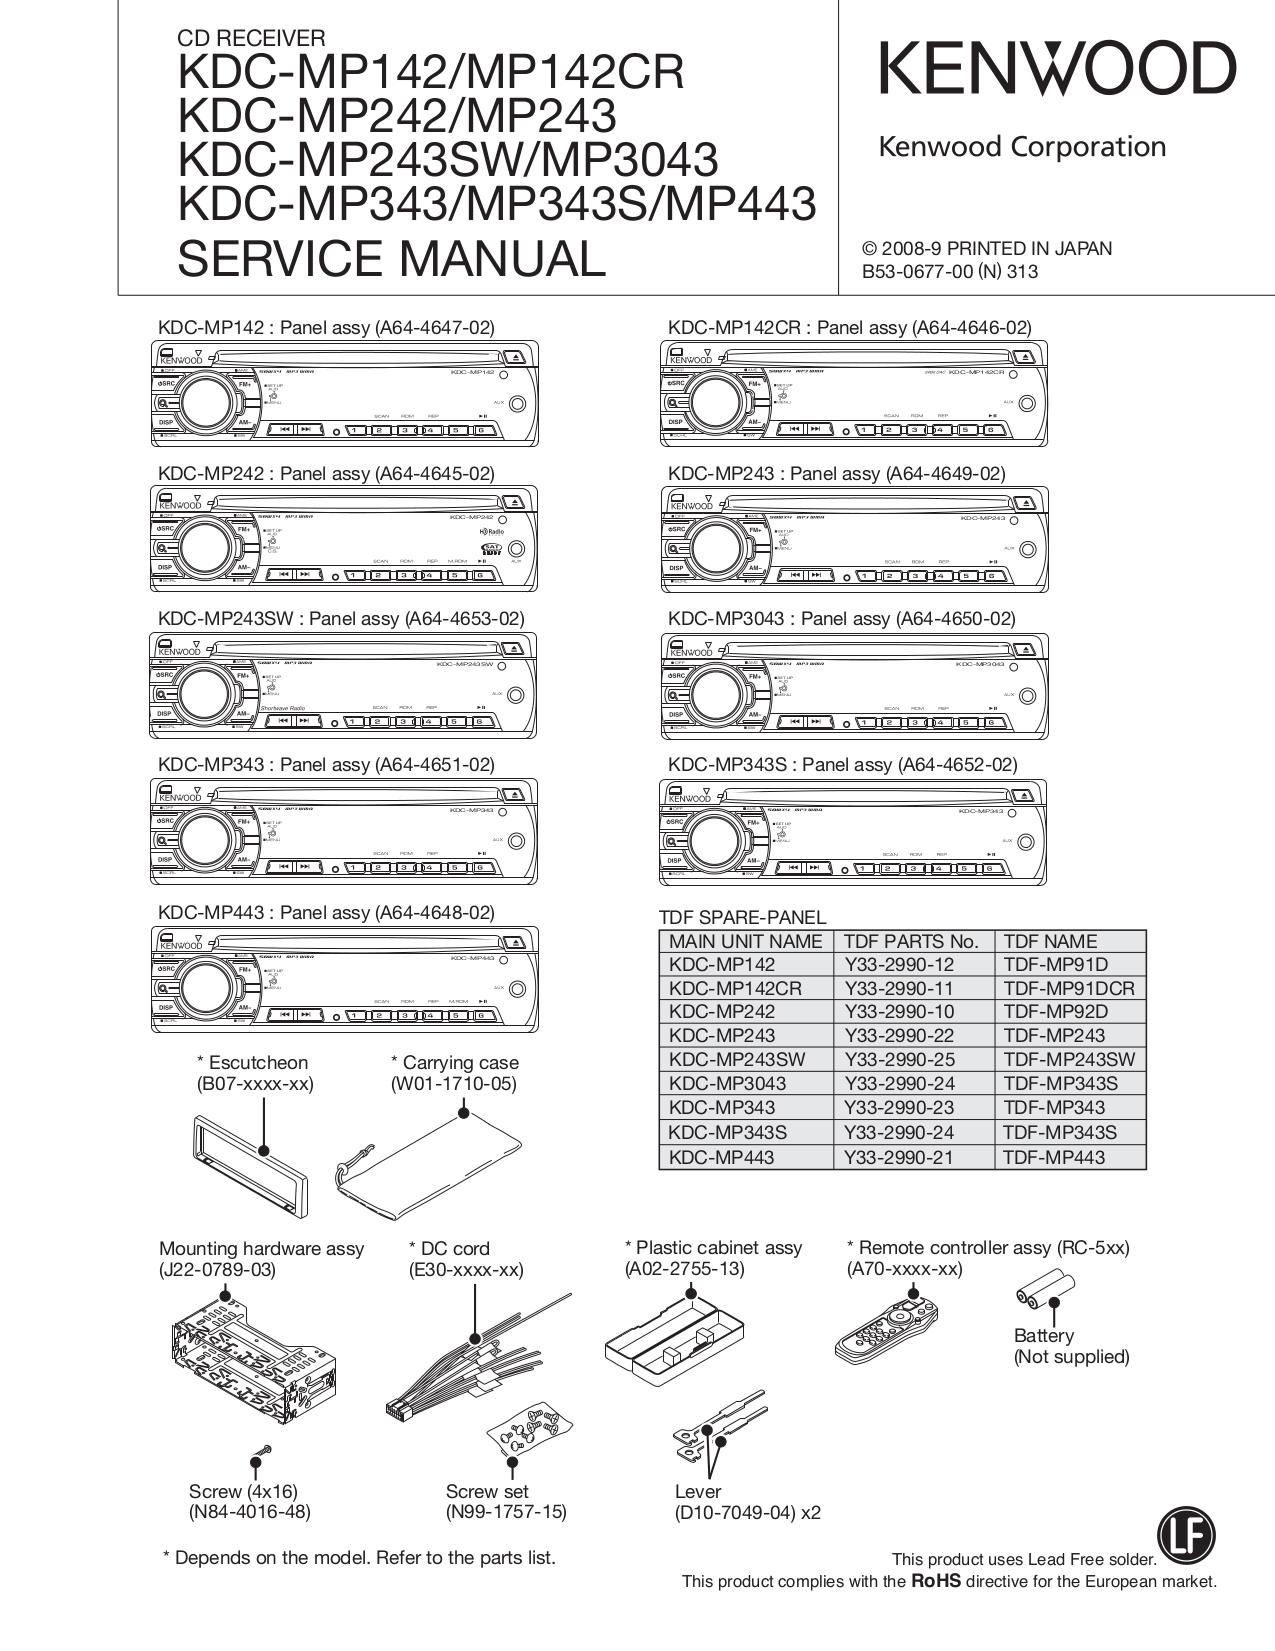 kenwood kdc 322 wiring diagram